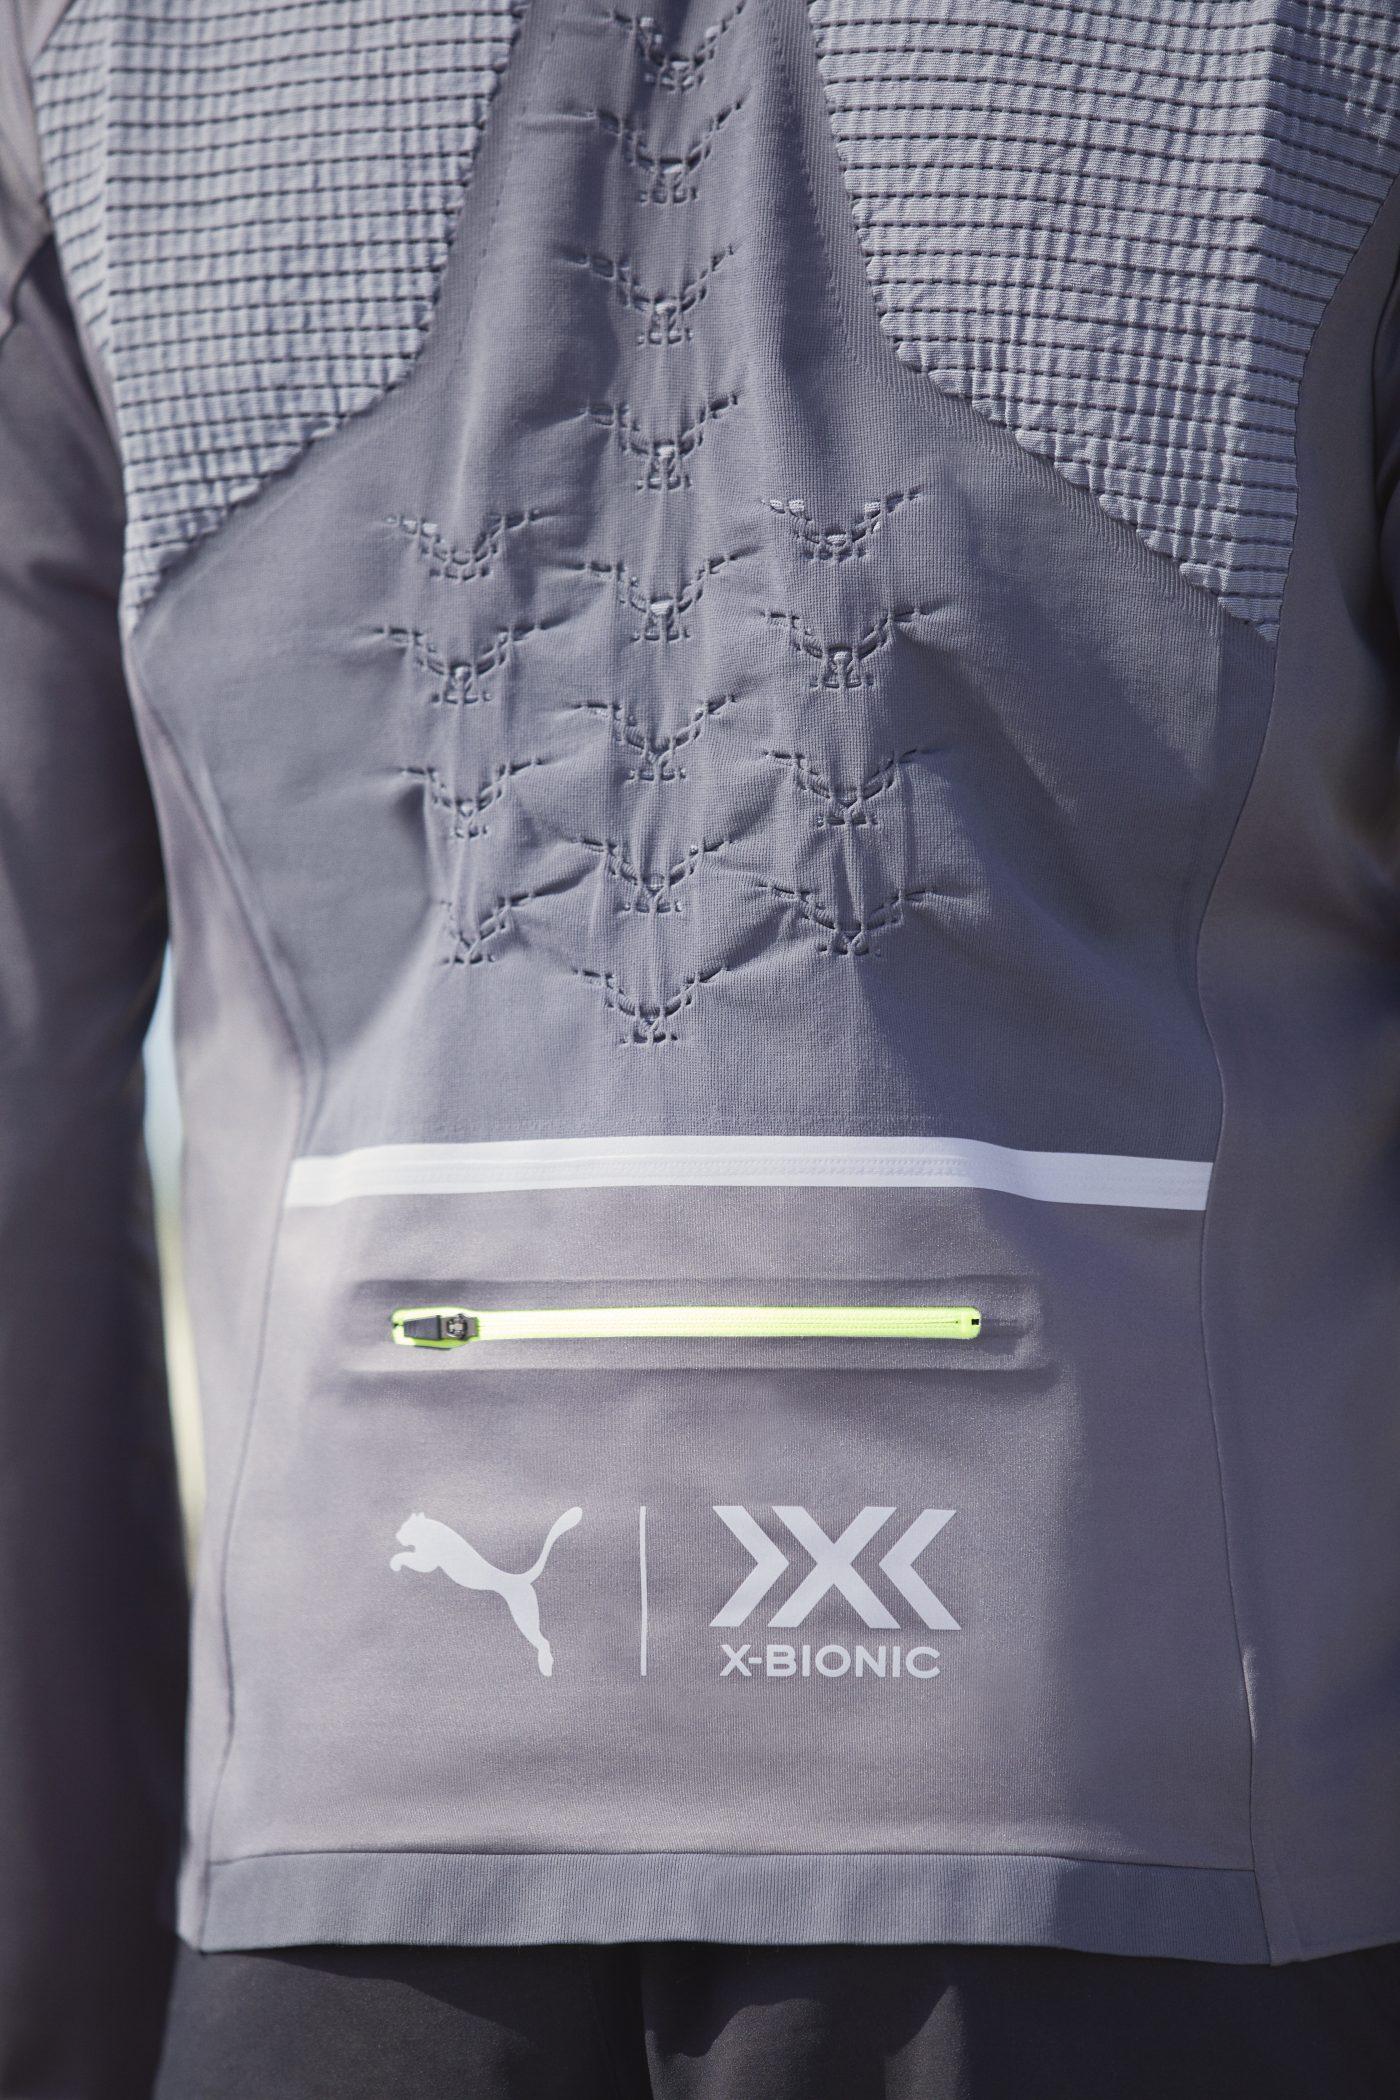 puma_x-bionic_plus_X_award_runpack13